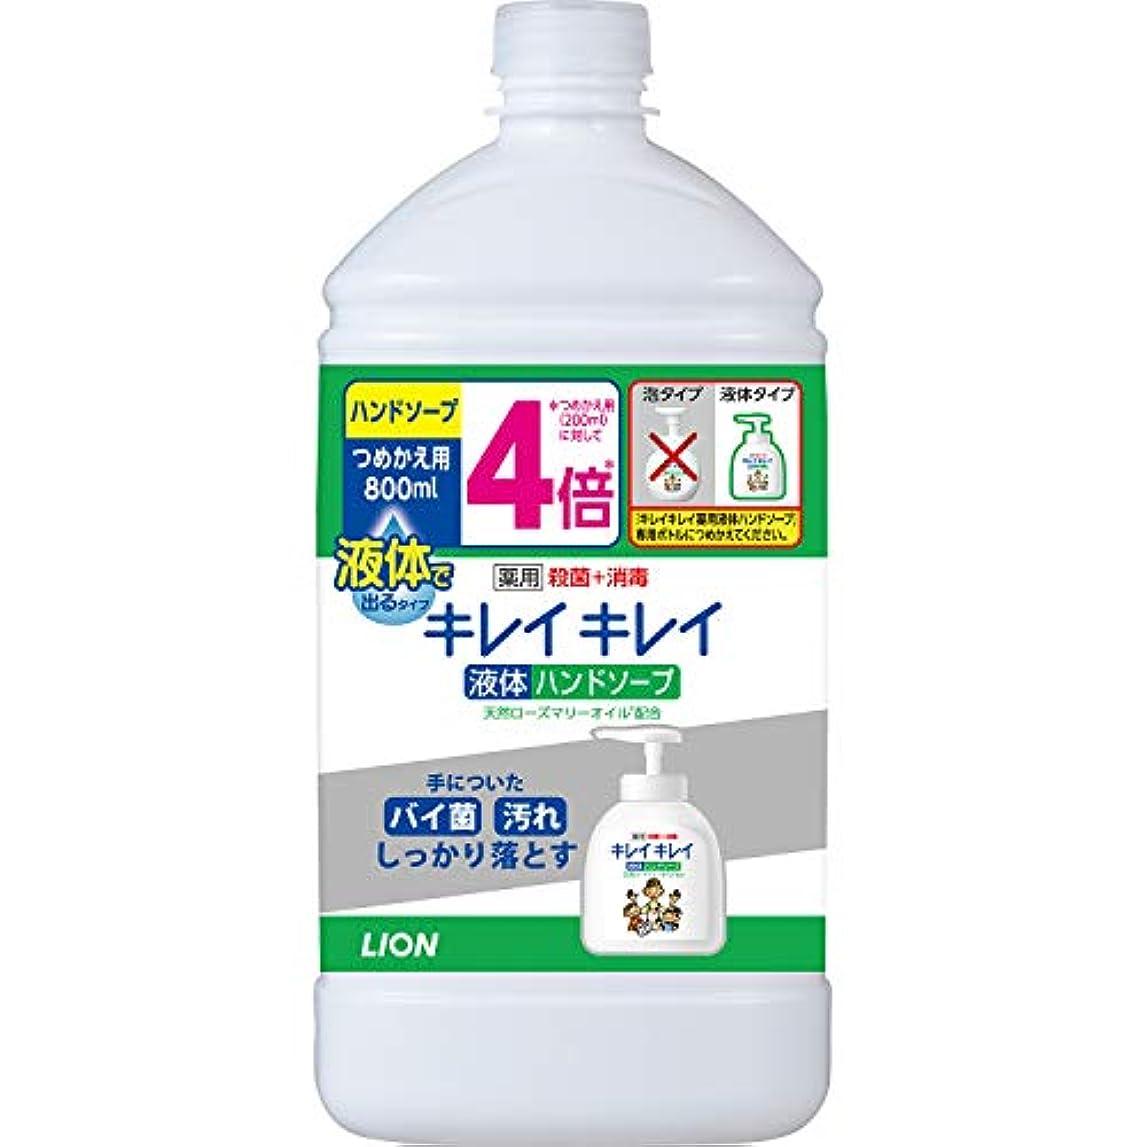 不足王位モンスター(医薬部外品)【大容量】キレイキレイ 薬用 液体ハンドソープ 詰替特大 800ml